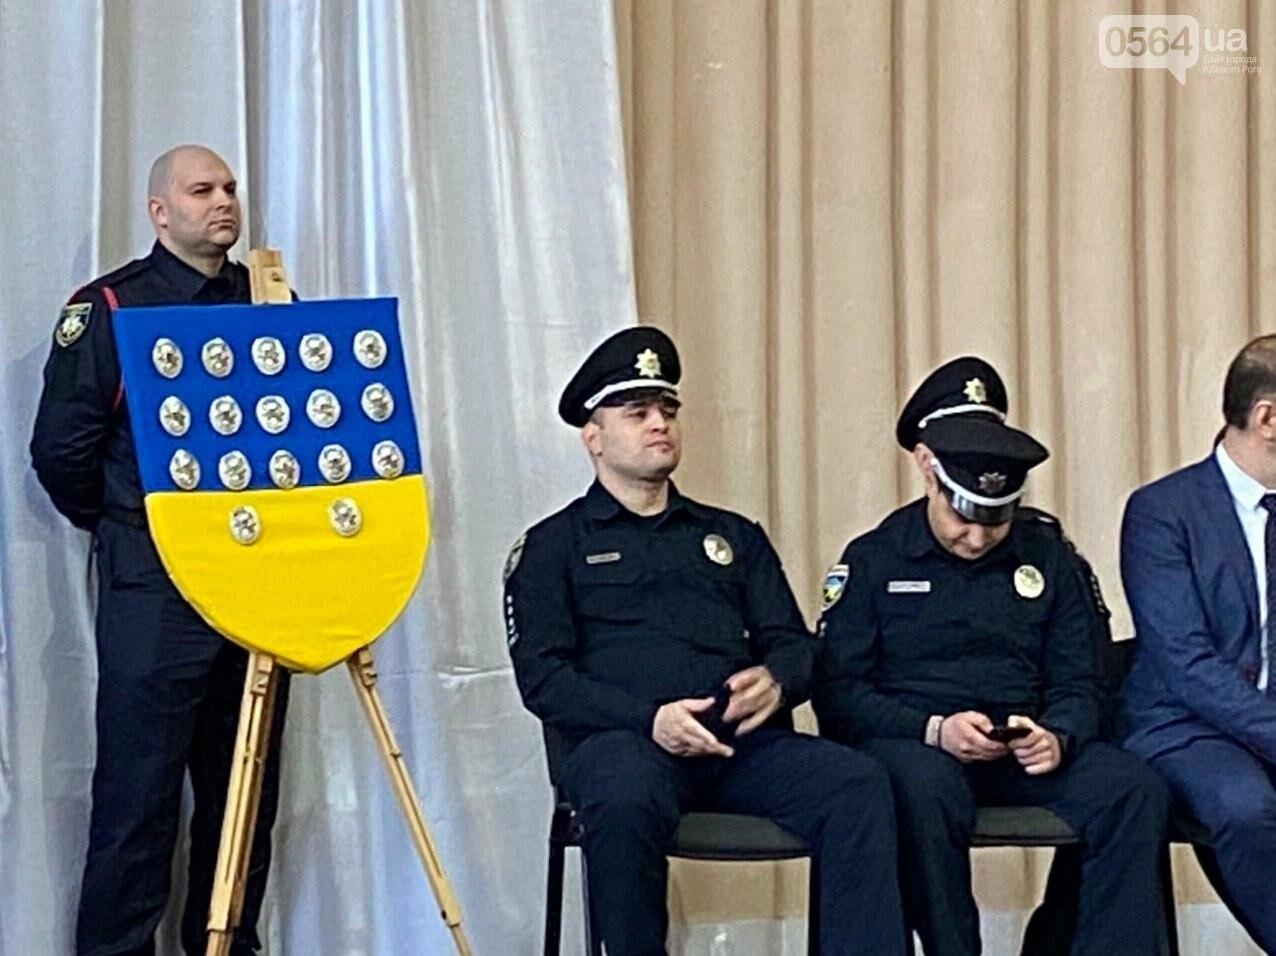 Присягу на верность украинскому народу принимают первые выпускники Криворожской академии патрульной полиции, - ФОТО, ПРЯМОЙ ЭФИР, фото-12